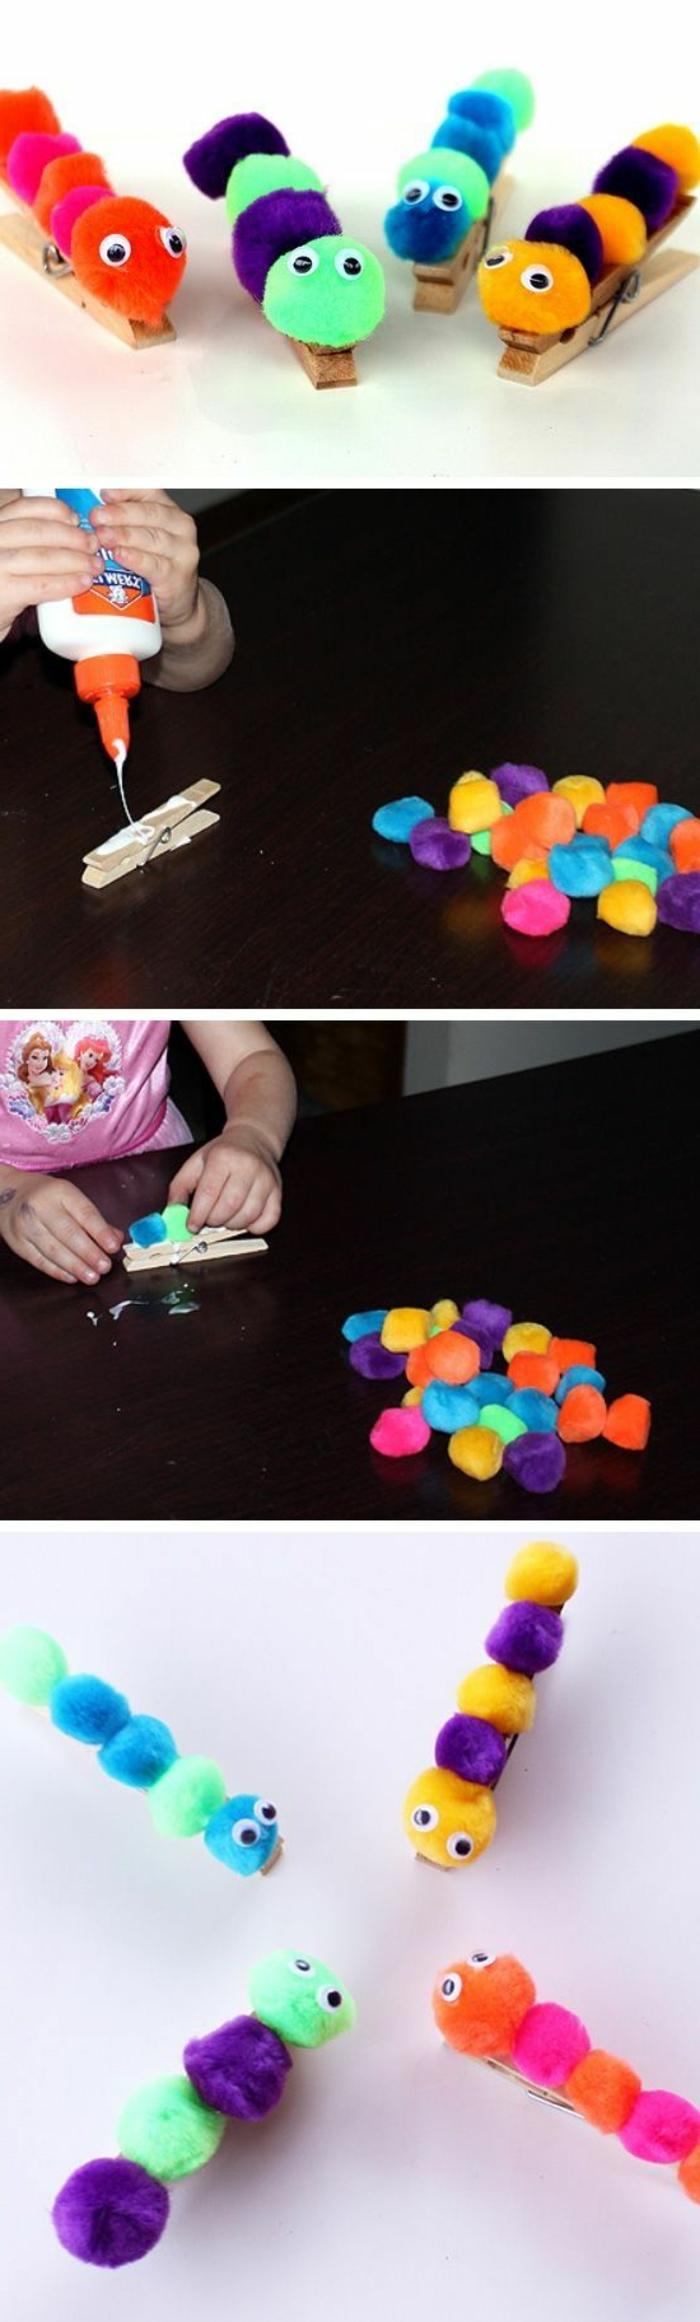 bricolage enfant facile et intéressant, une chenille en pompons multicolores collés sur une pince a linge en bois, tutoriel